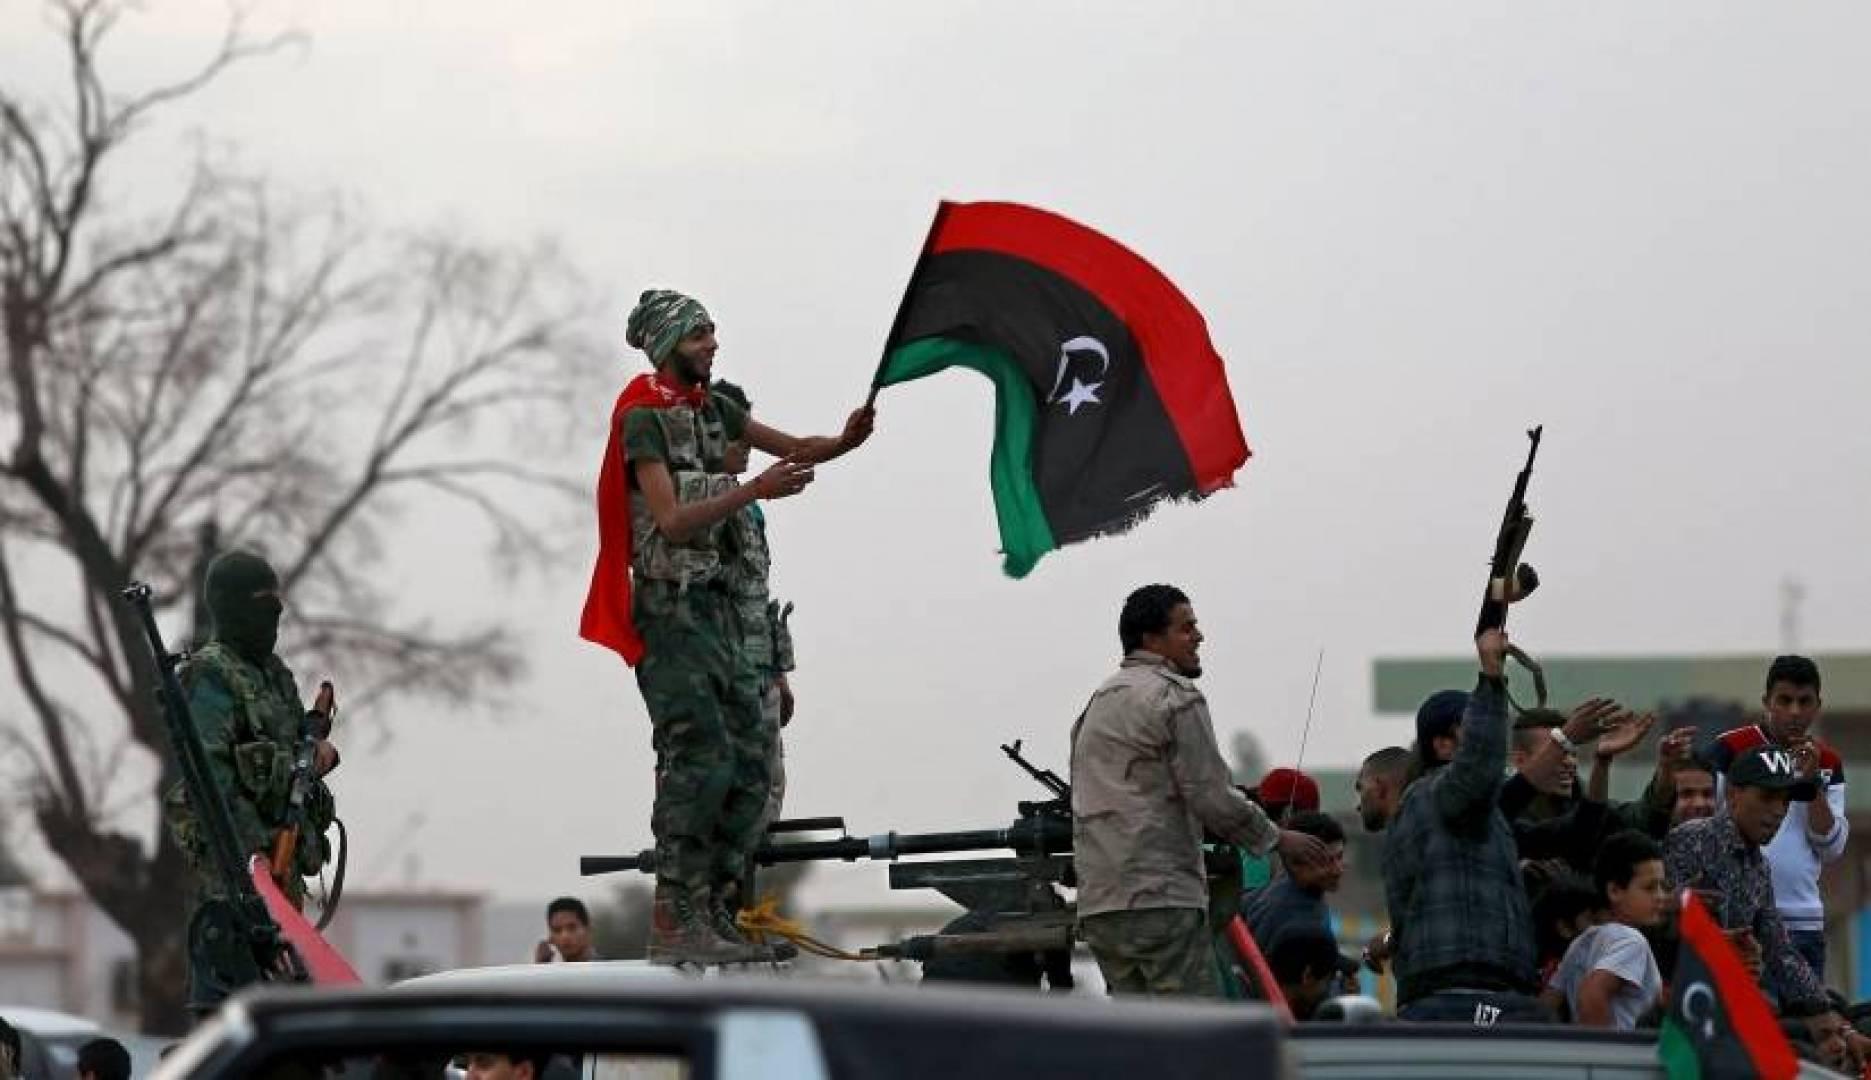 القبائل ورقة رابحة لحسم الصراع في ليبيا